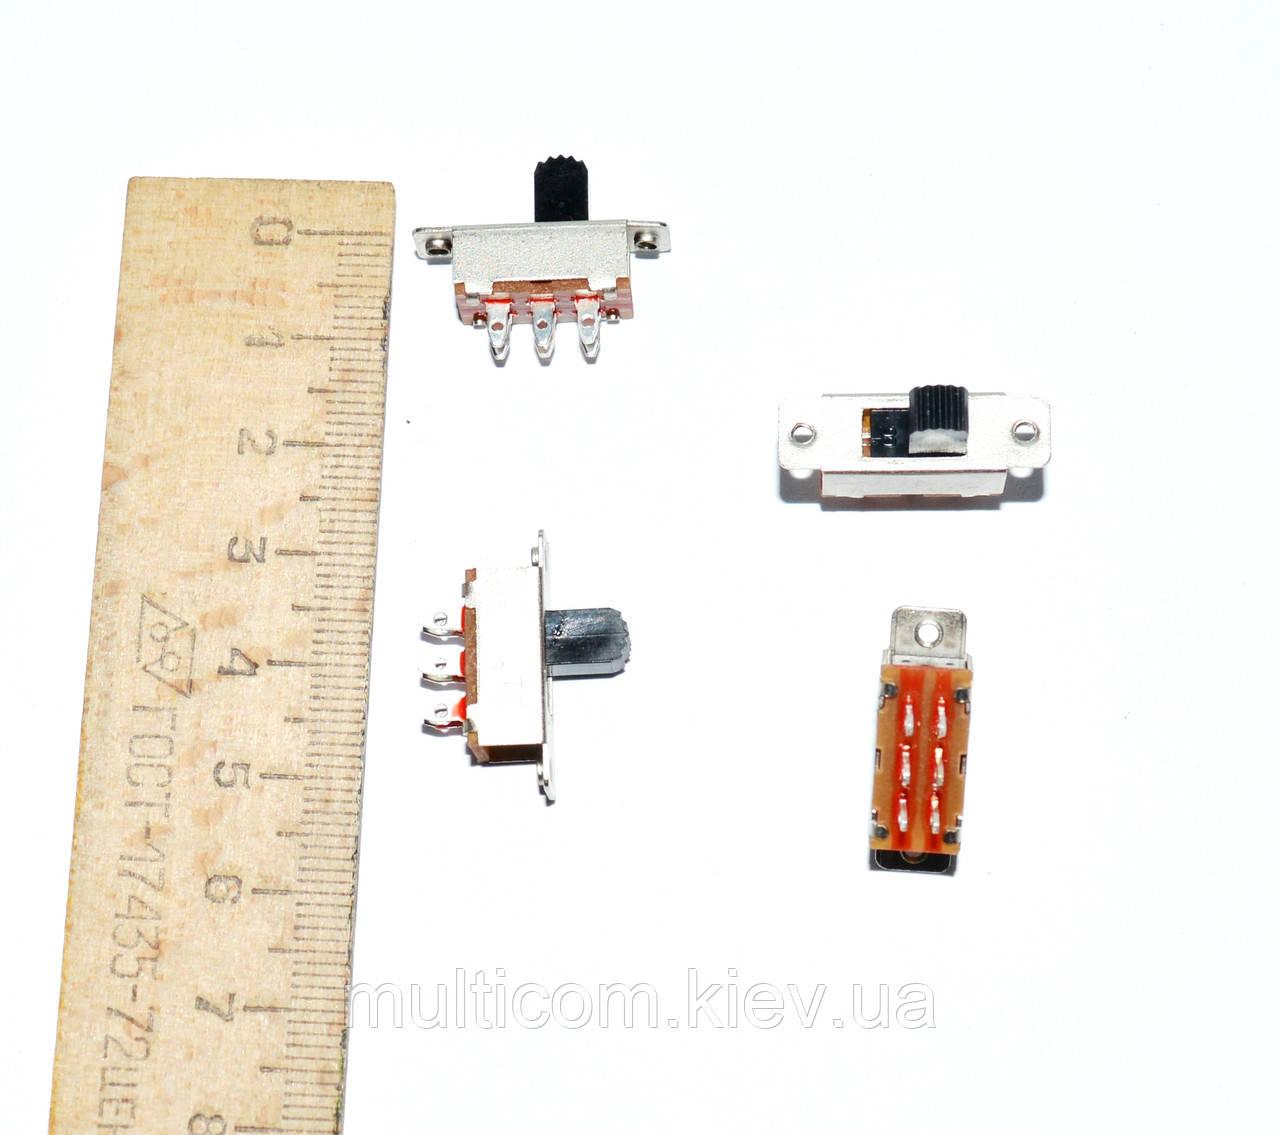 11-07-013. Переключатель движковый KBB40-2P2W ON-ON, 6pin, 0,5A 250VAC